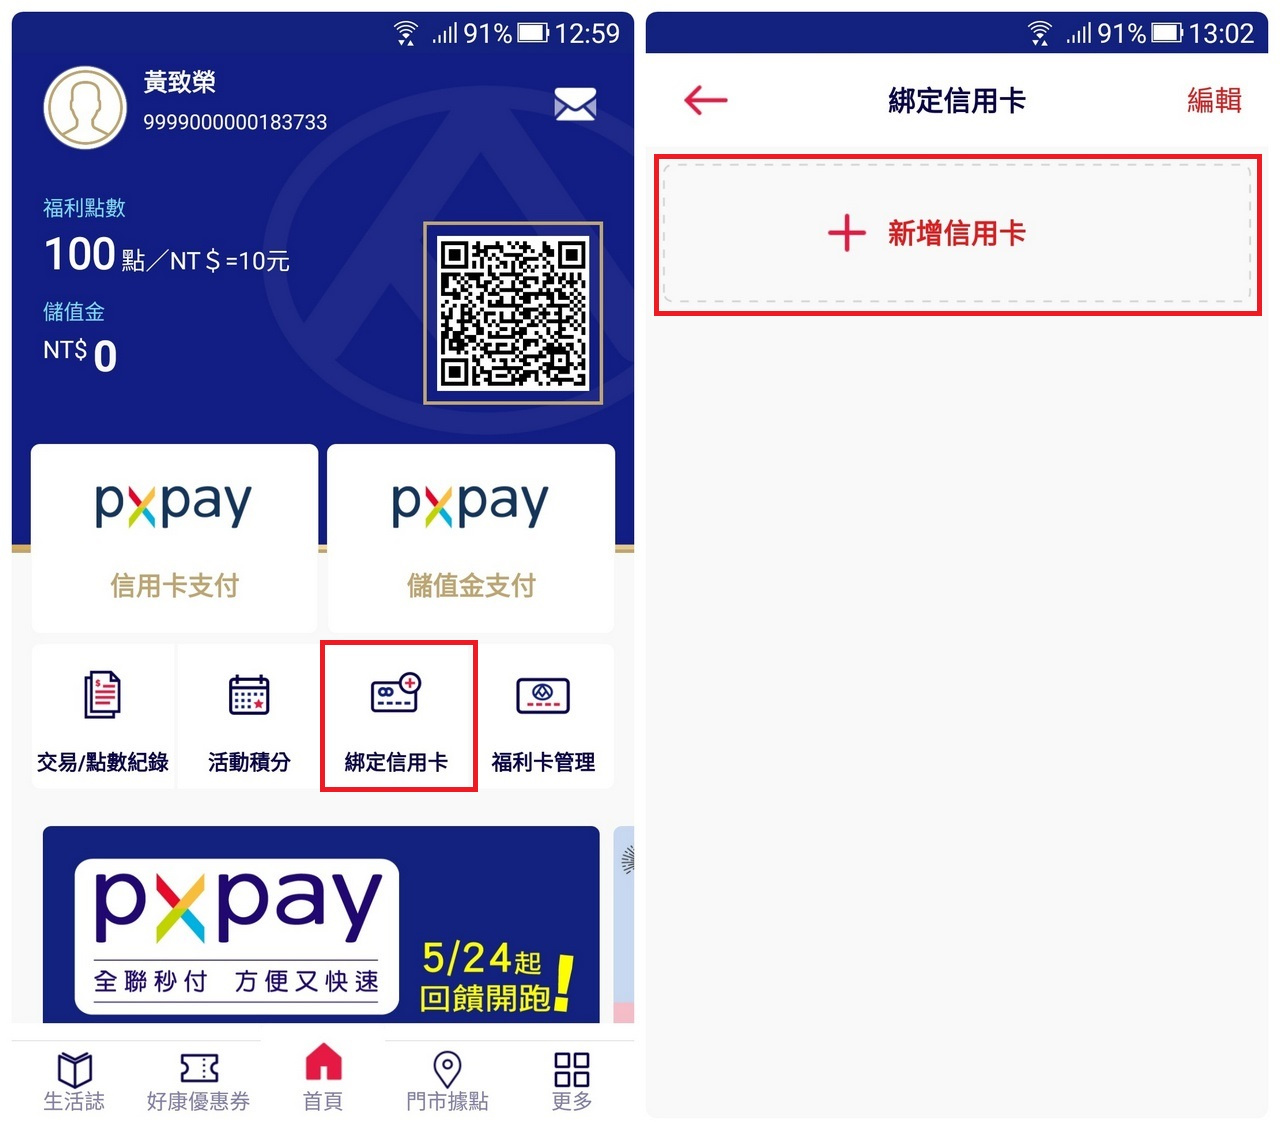 全聯PXPay 註冊/消費如何操作 手機福利卡將取代實體卡片